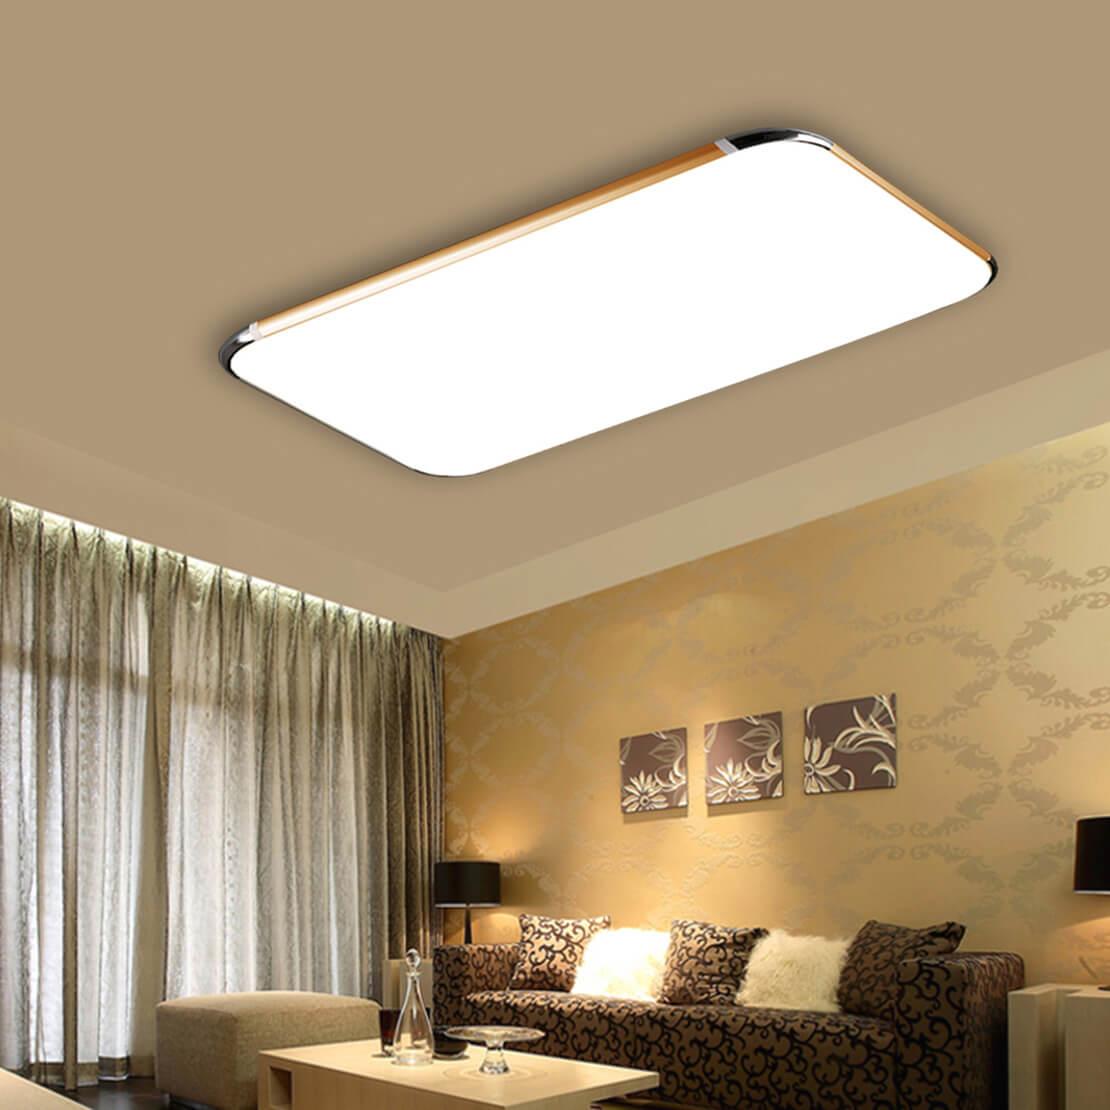 Квадратная люстра с натяжным потолком в гостинной